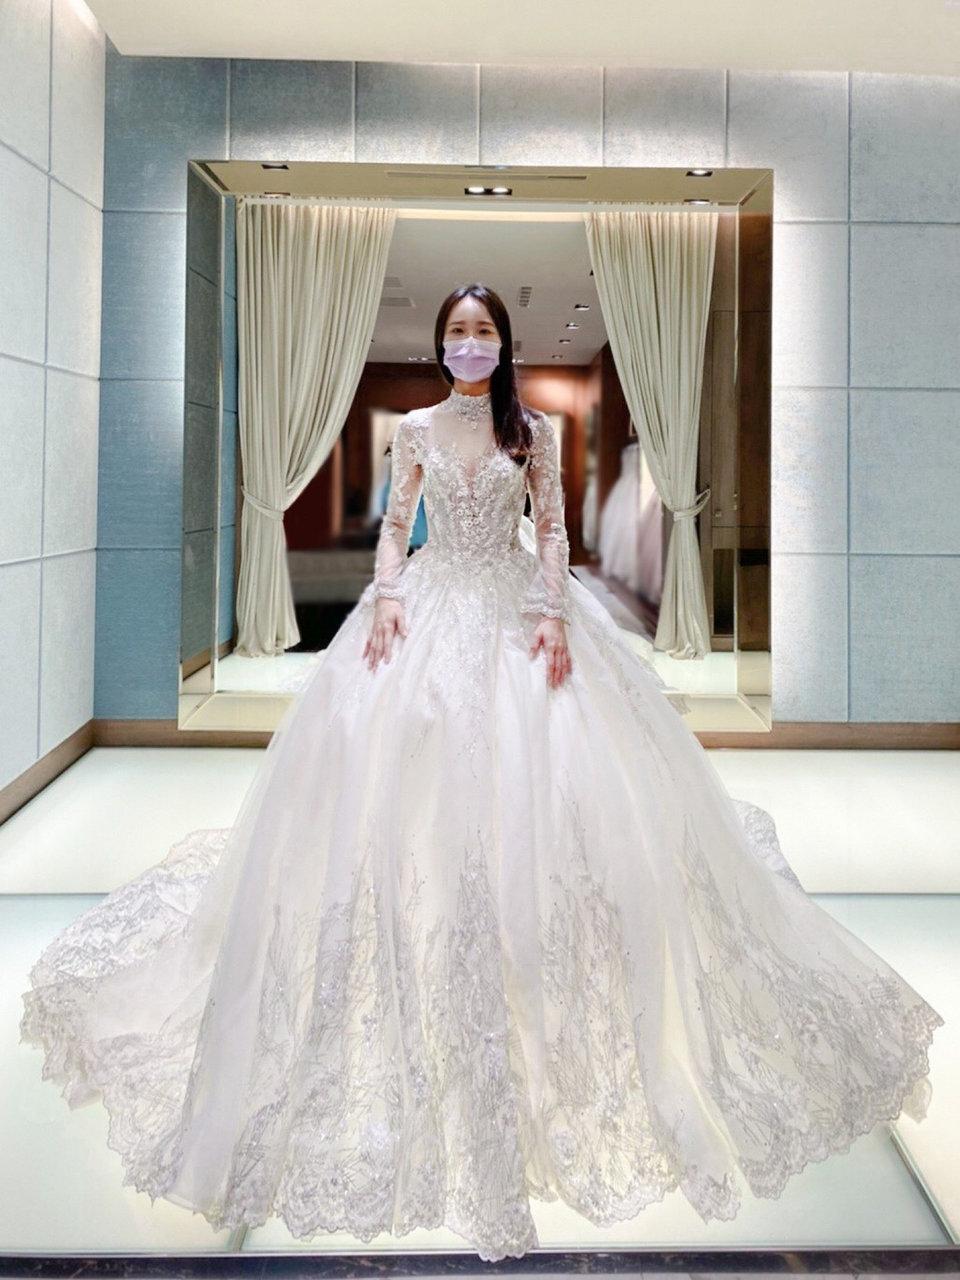 紐約紐約國際婚紗攝影館 - 嘉義,紐約·紐約精品婚紗推薦